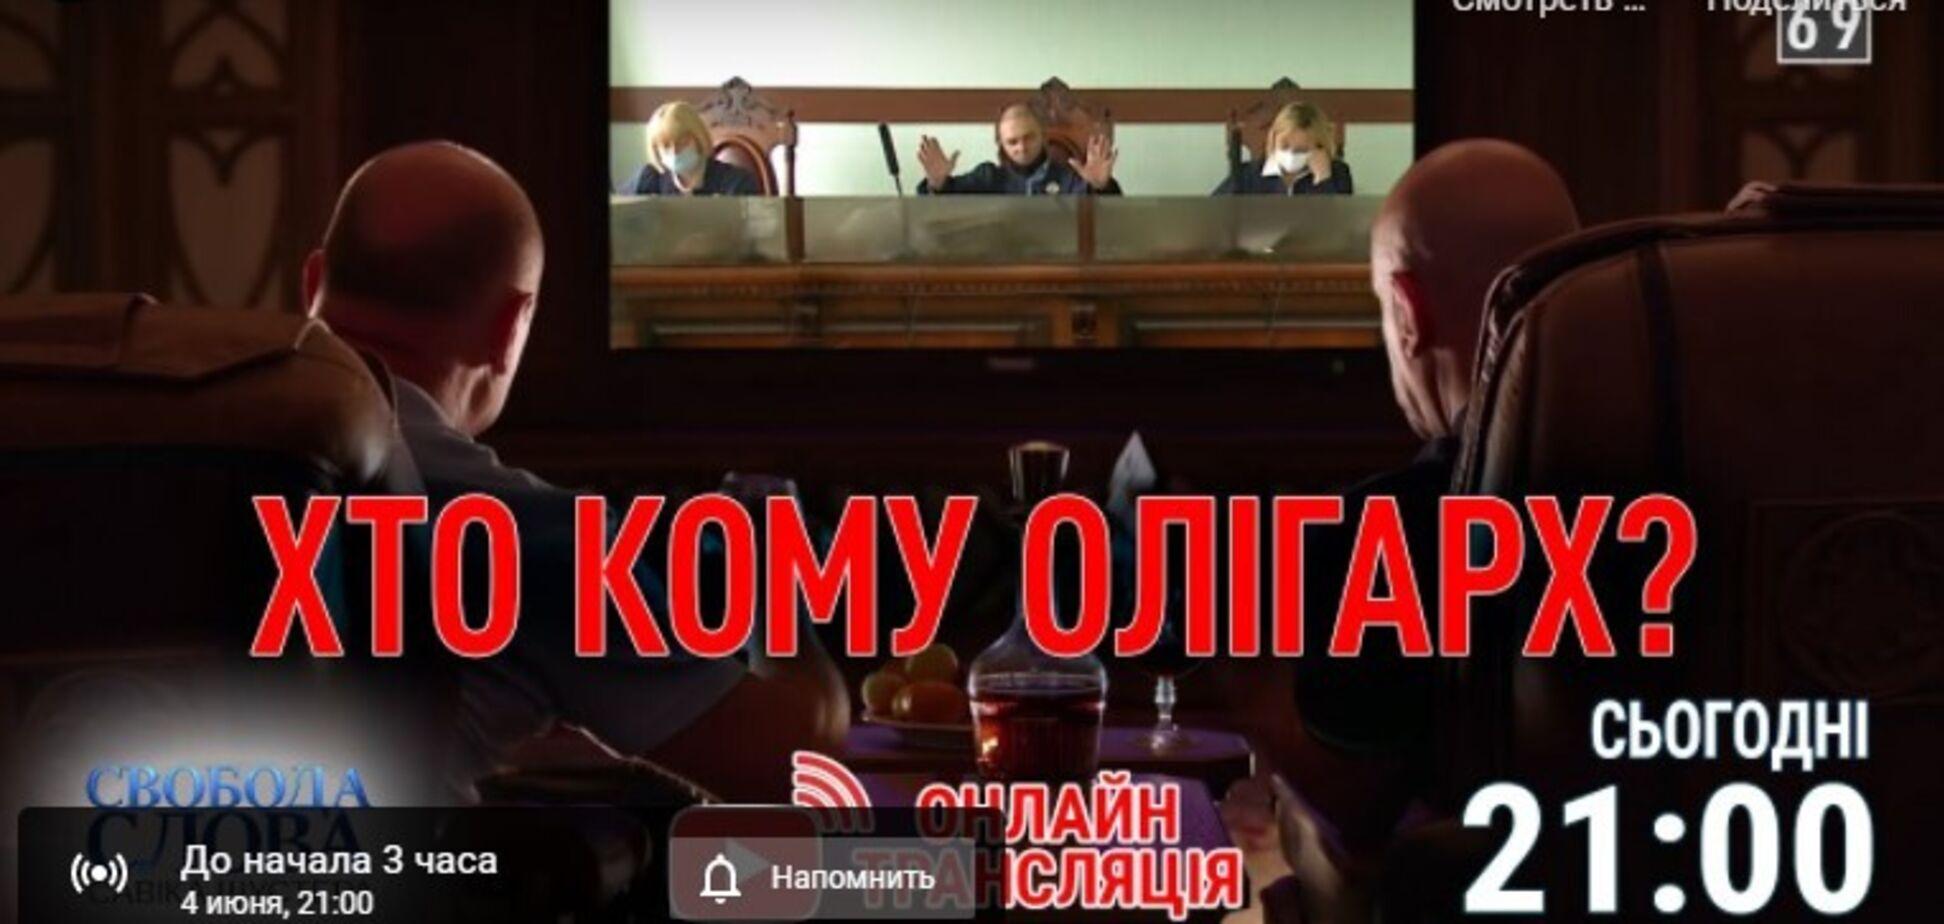 'Кто кому олигарх' - тема нового эфира 'Свободы слова Савика Шустера'